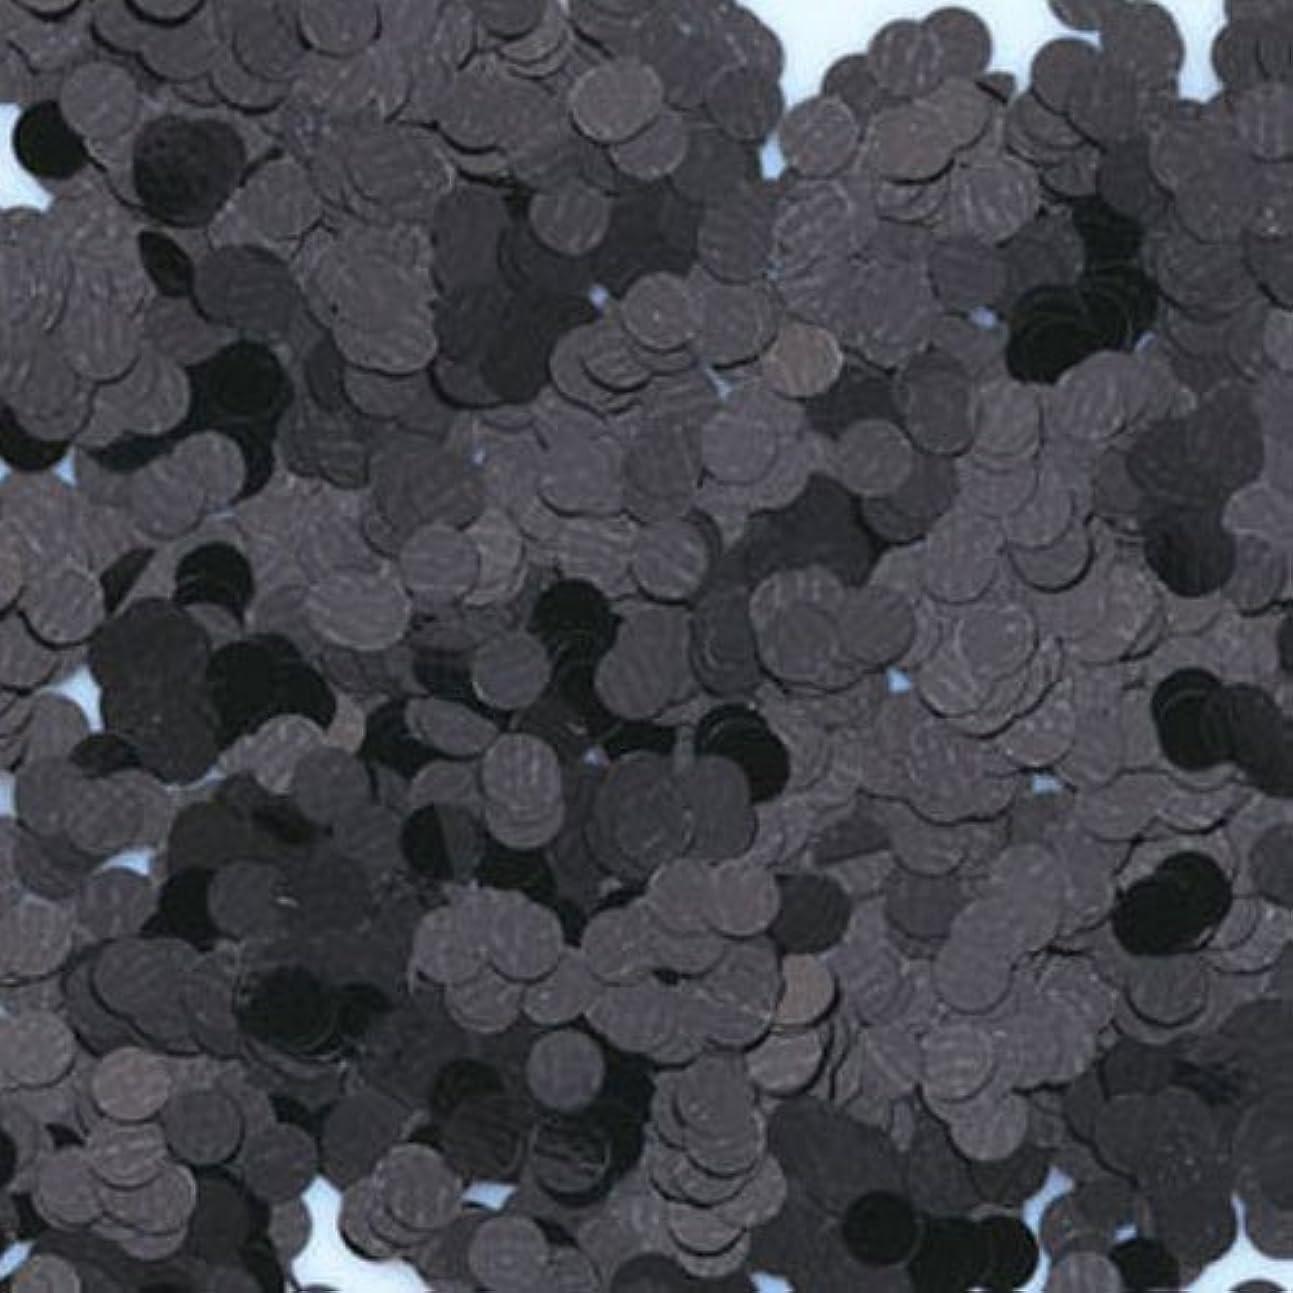 ラフレシアアルノルディゲーム屈辱するピカエース ネイル用パウダー 丸カラー 1.5mm #412 ブラック 0.5g